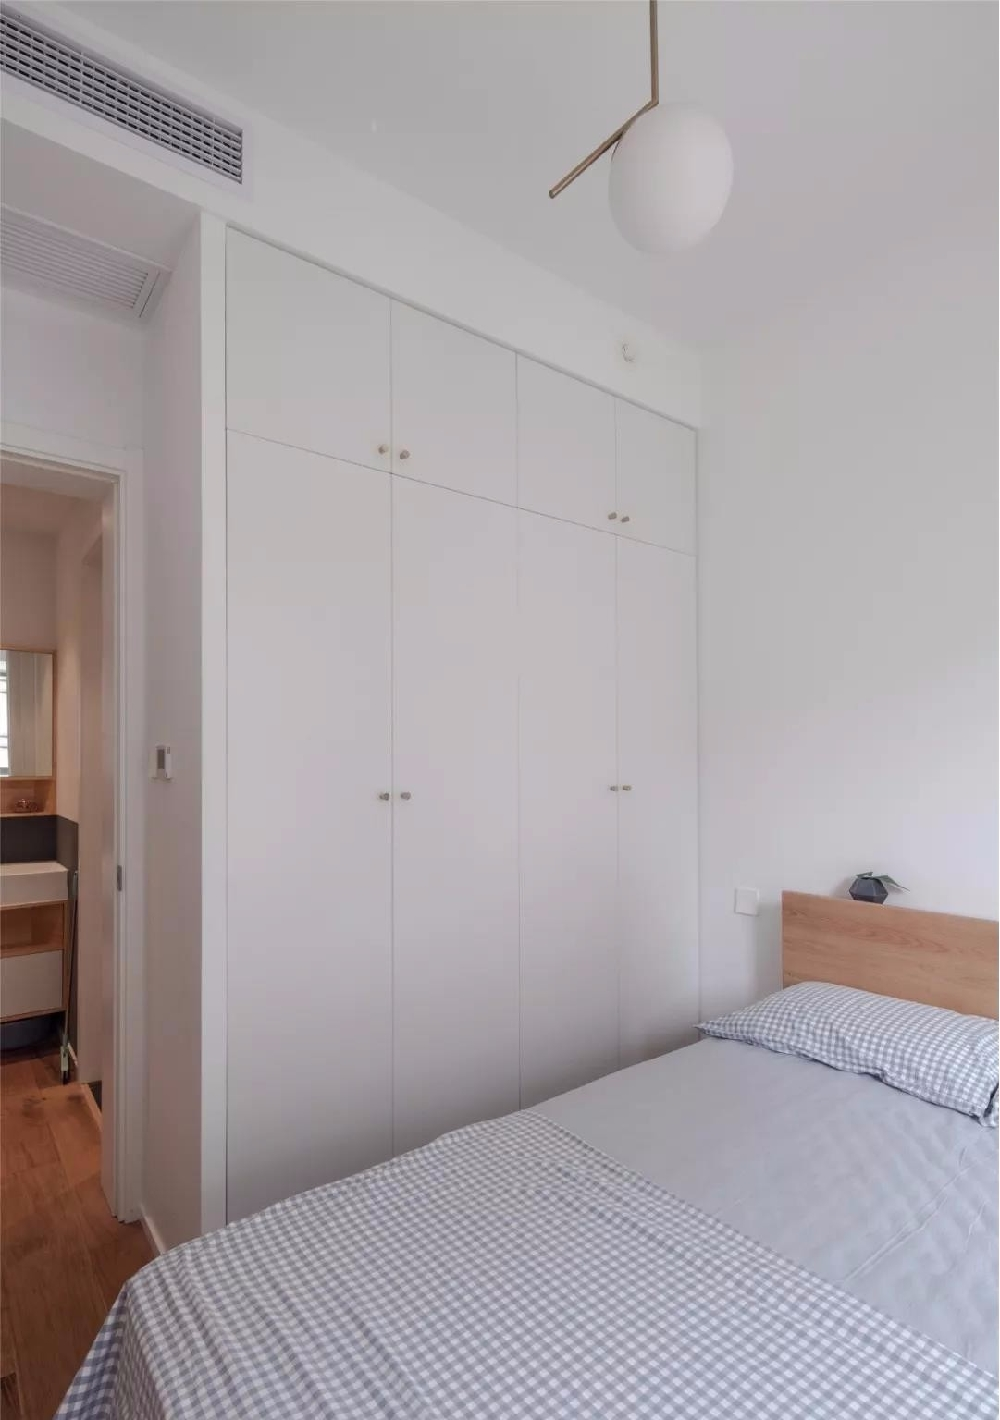 88㎡现代舒适,鞋柜+电视墙,实用大气12086425